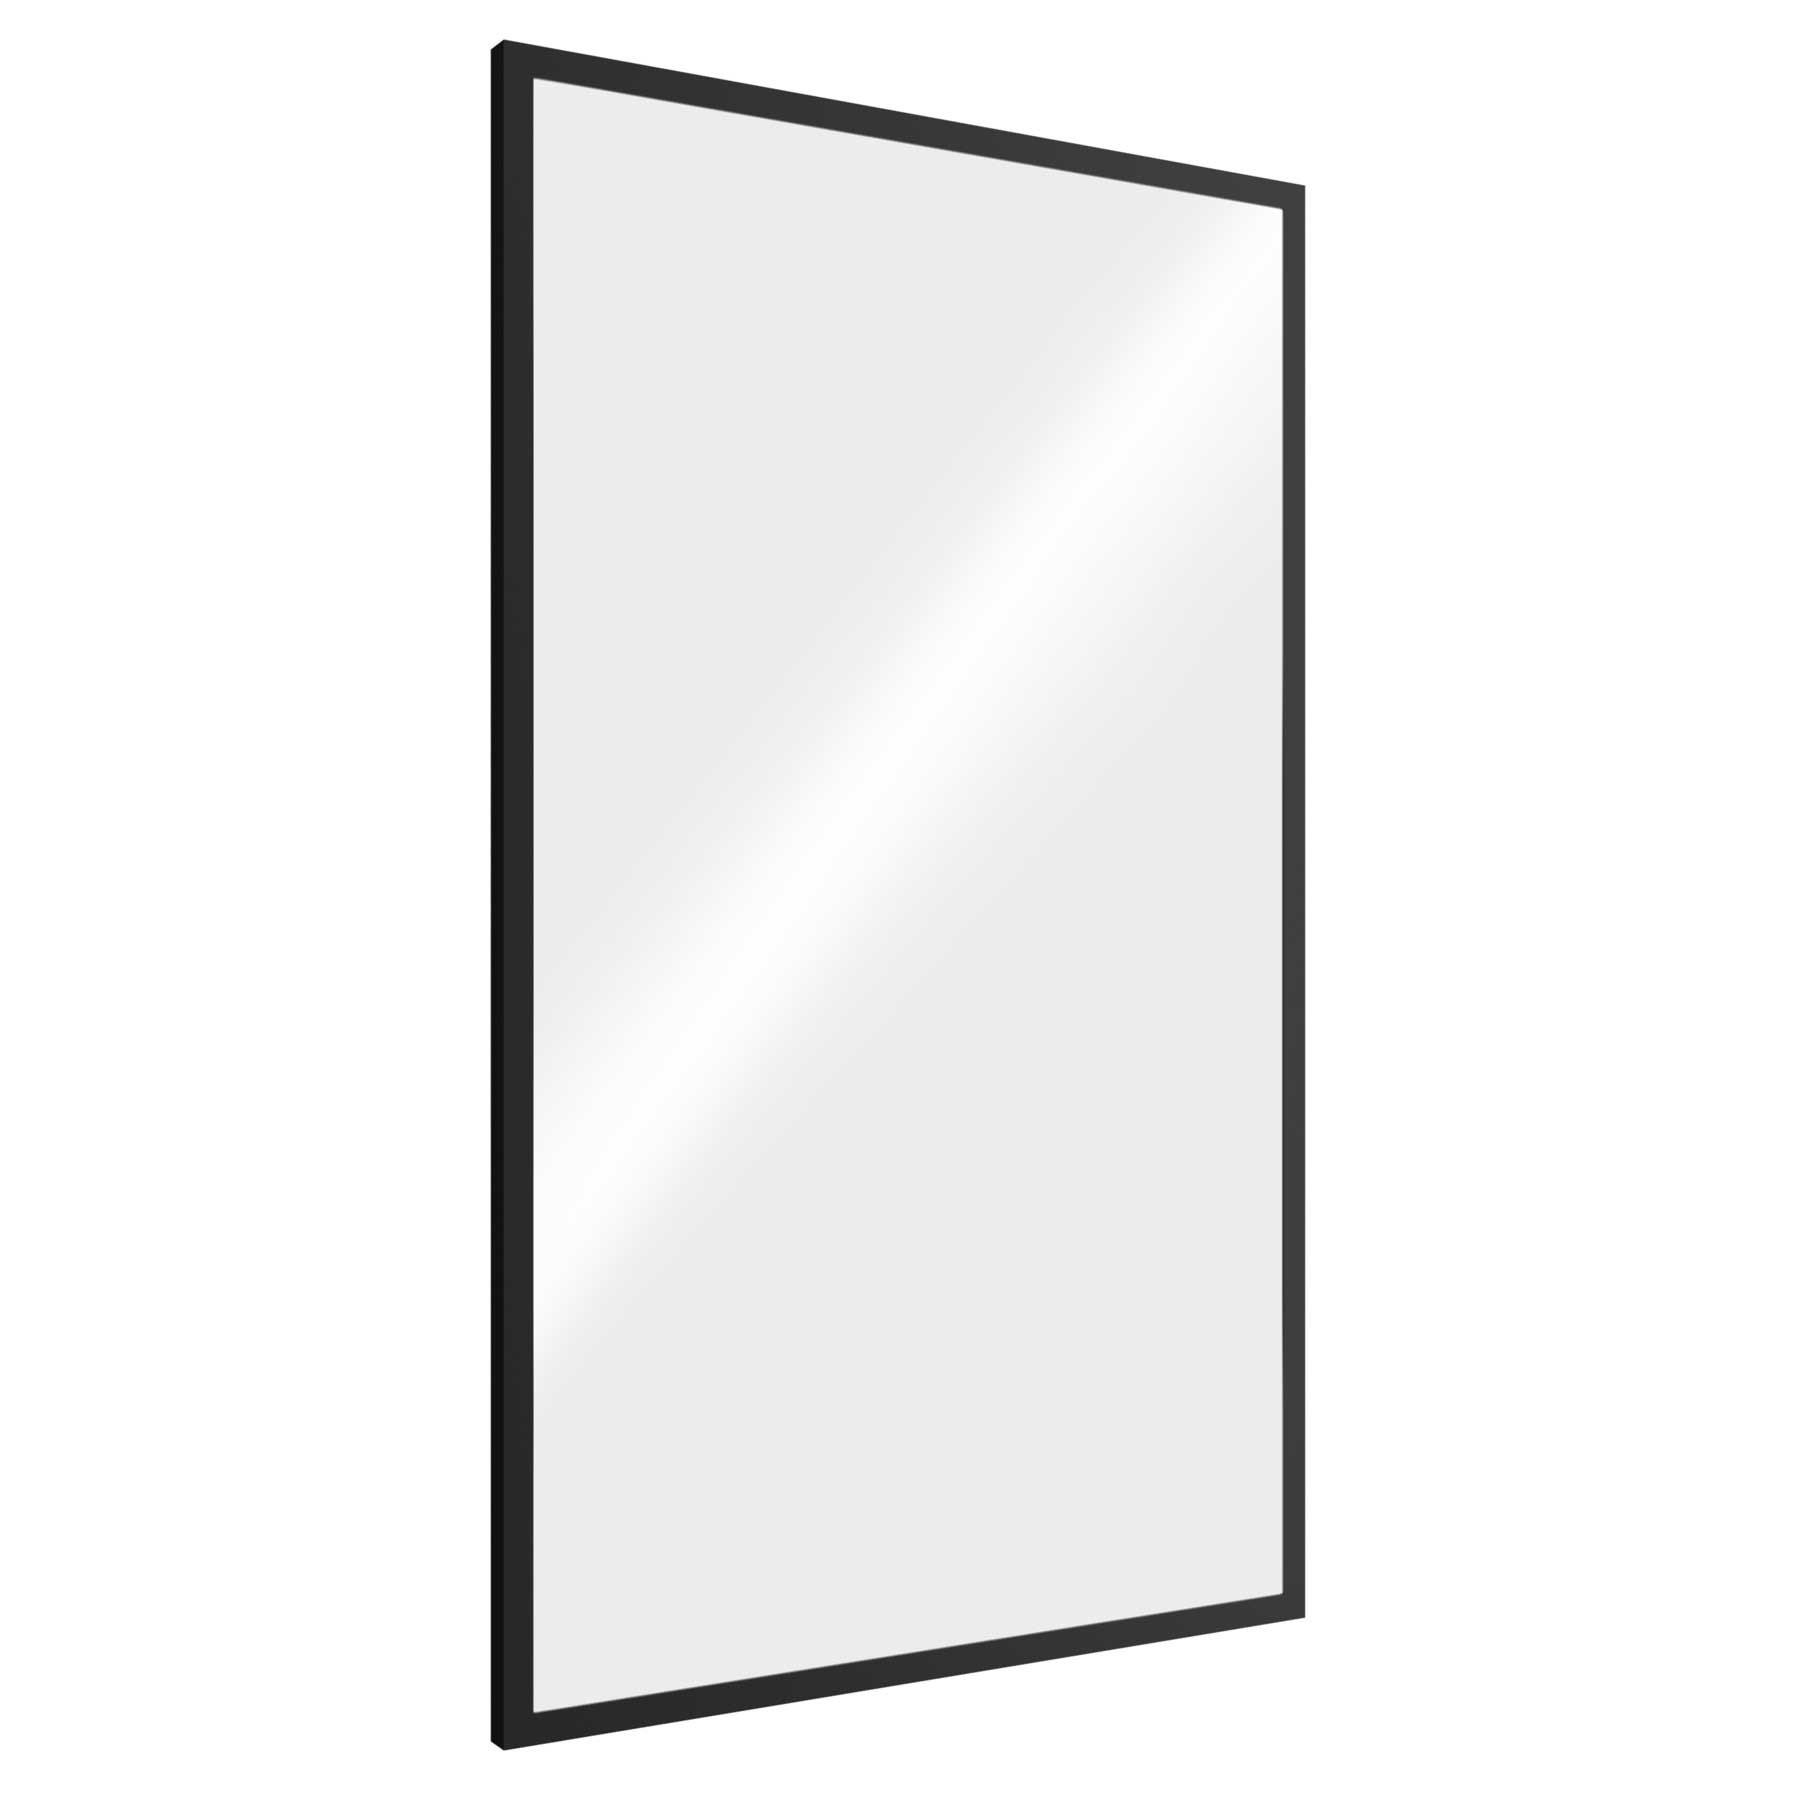 Espejo Vinci de 60x100